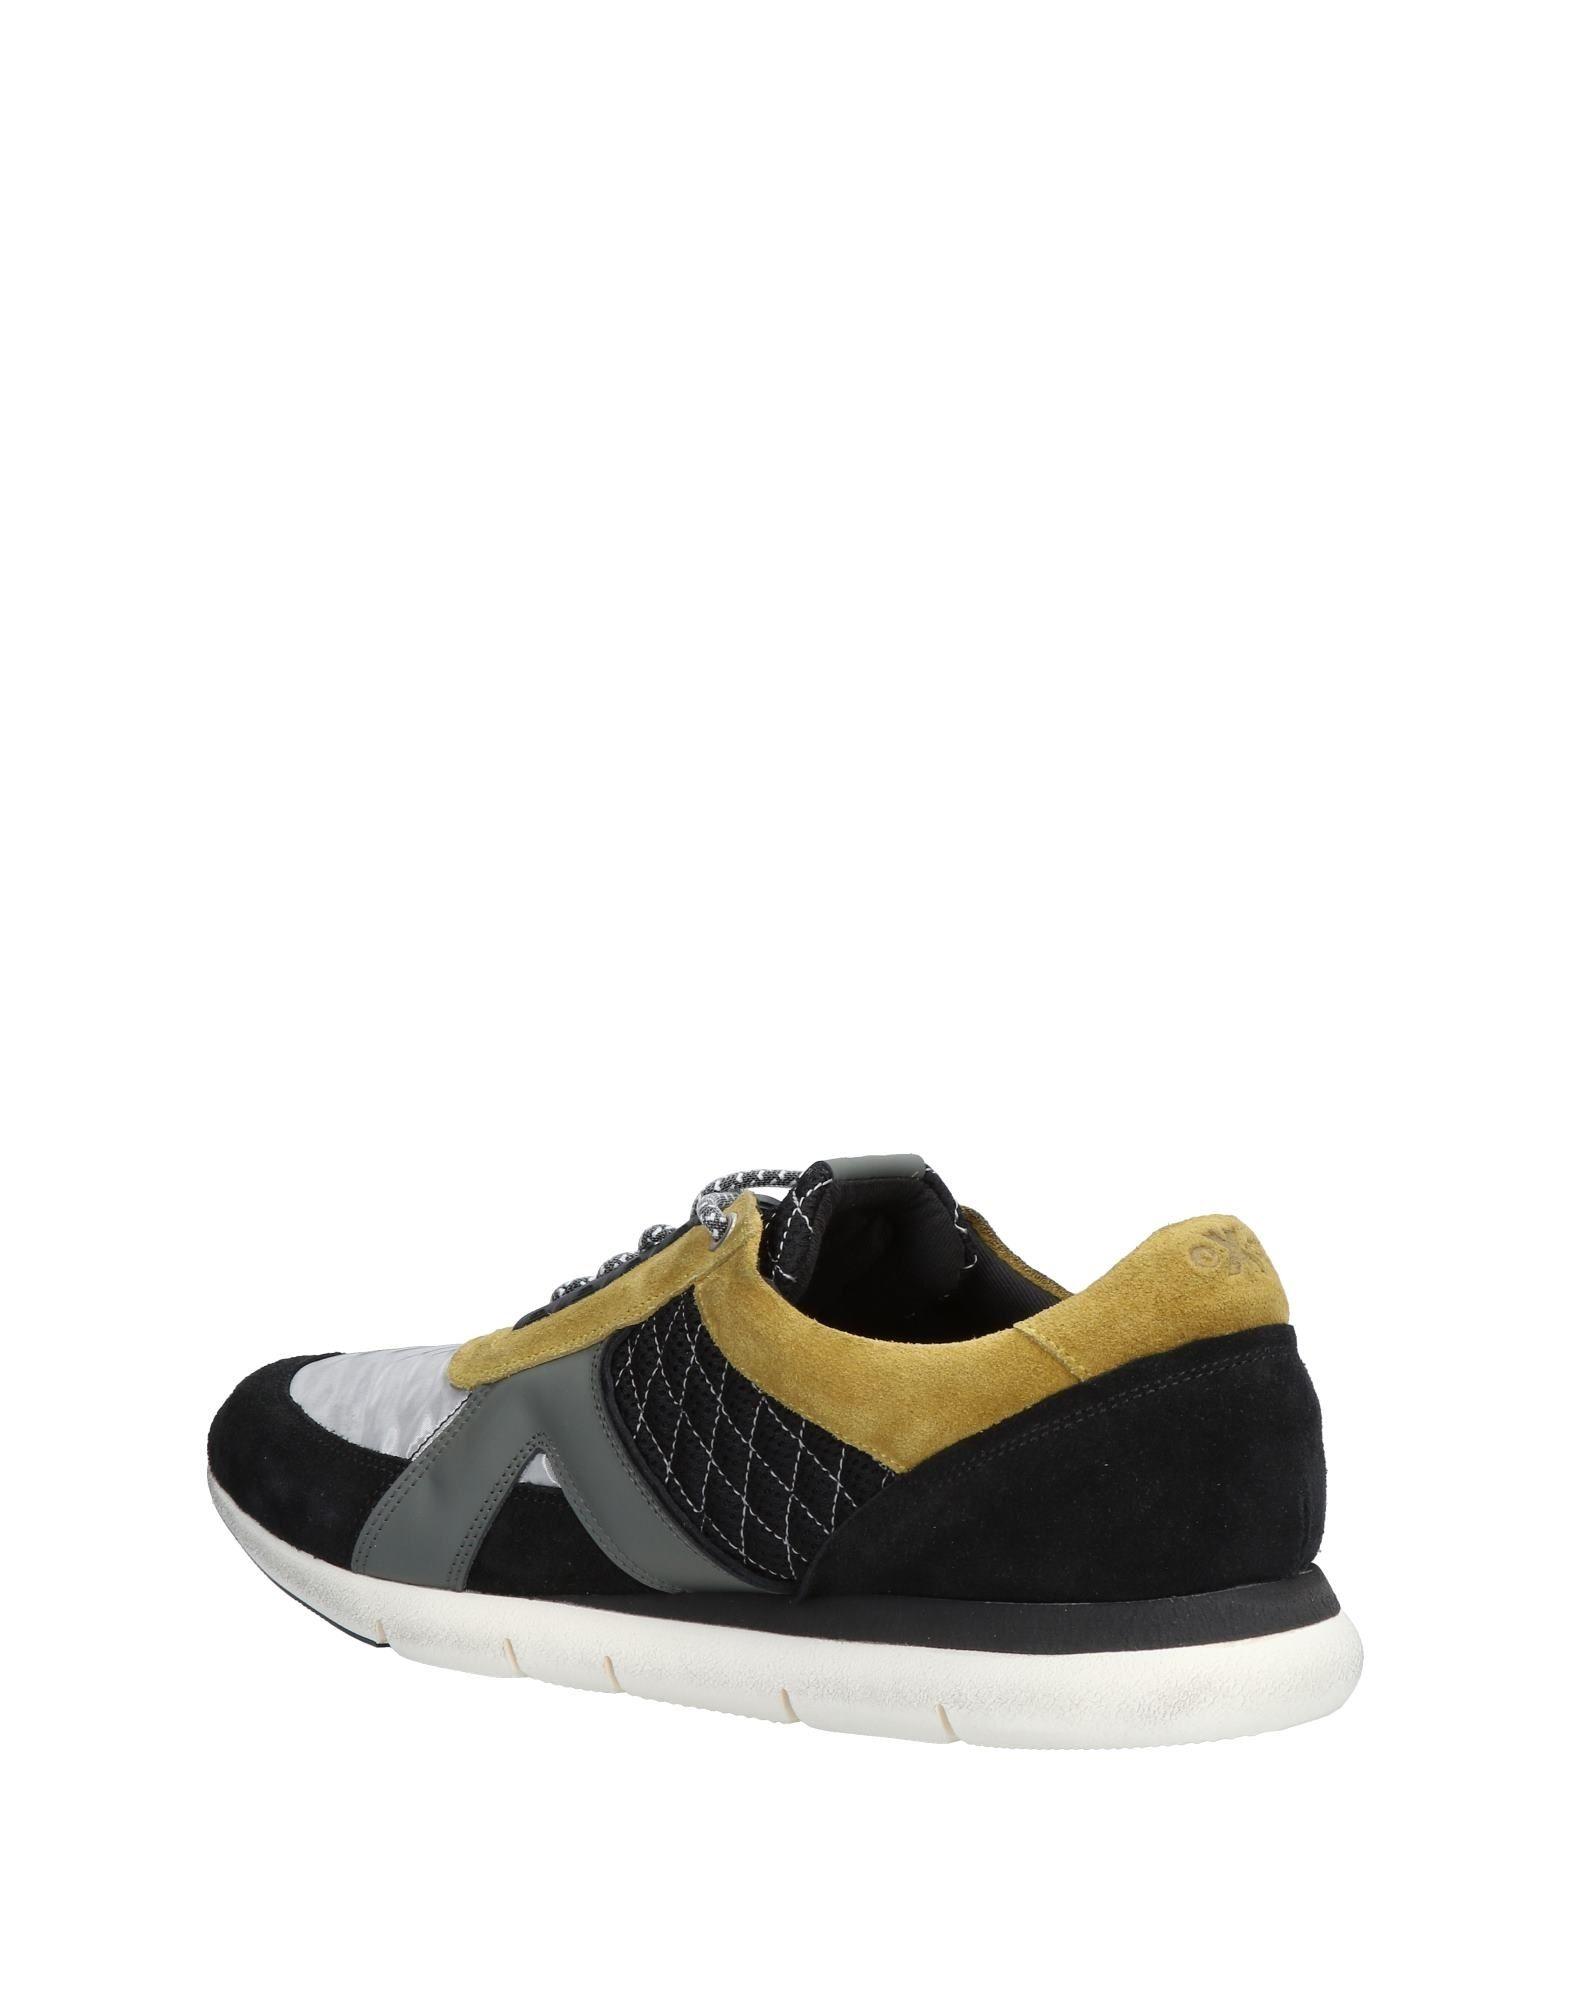 O.X.S. Heiße Sneakers Herren  11468102IC Heiße O.X.S. Schuhe 78ddcb